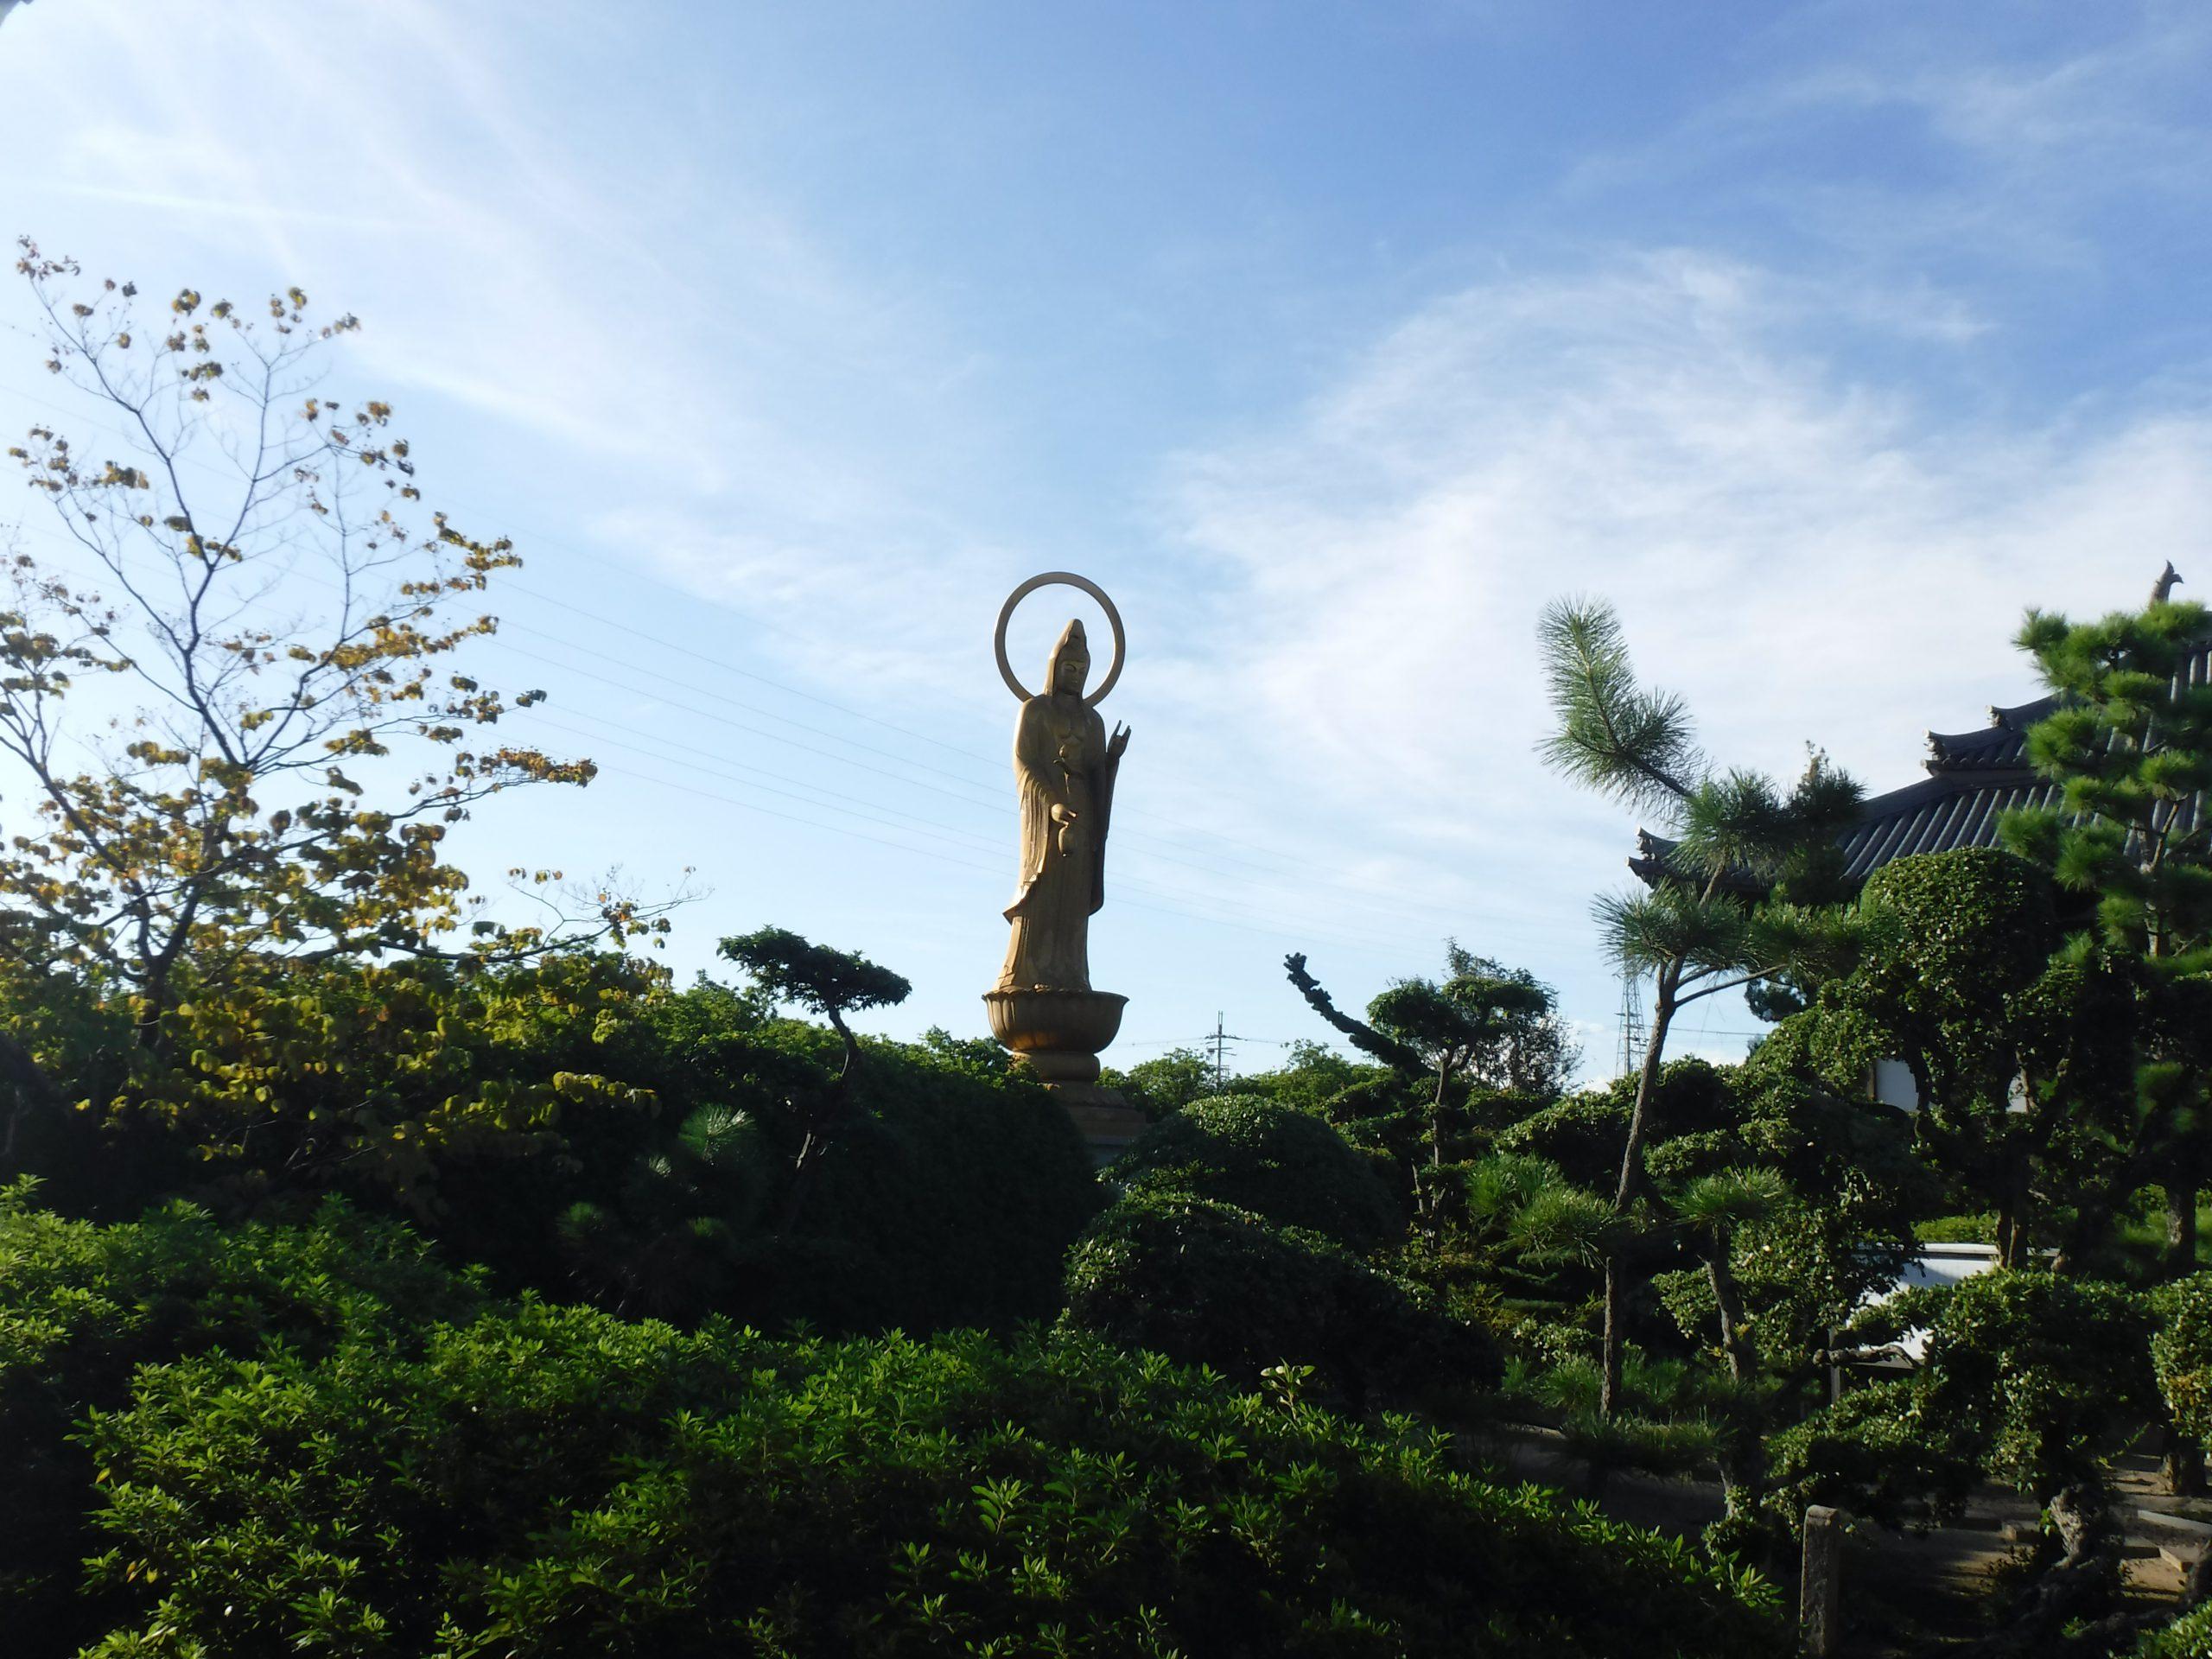 <p>境内 厄除大観音</p>曹洞宗の僧、宗月が霊夢によって地中より観音像を掘り出したという由緒にちなみ建立された。台座を含み約10mの高さがある。